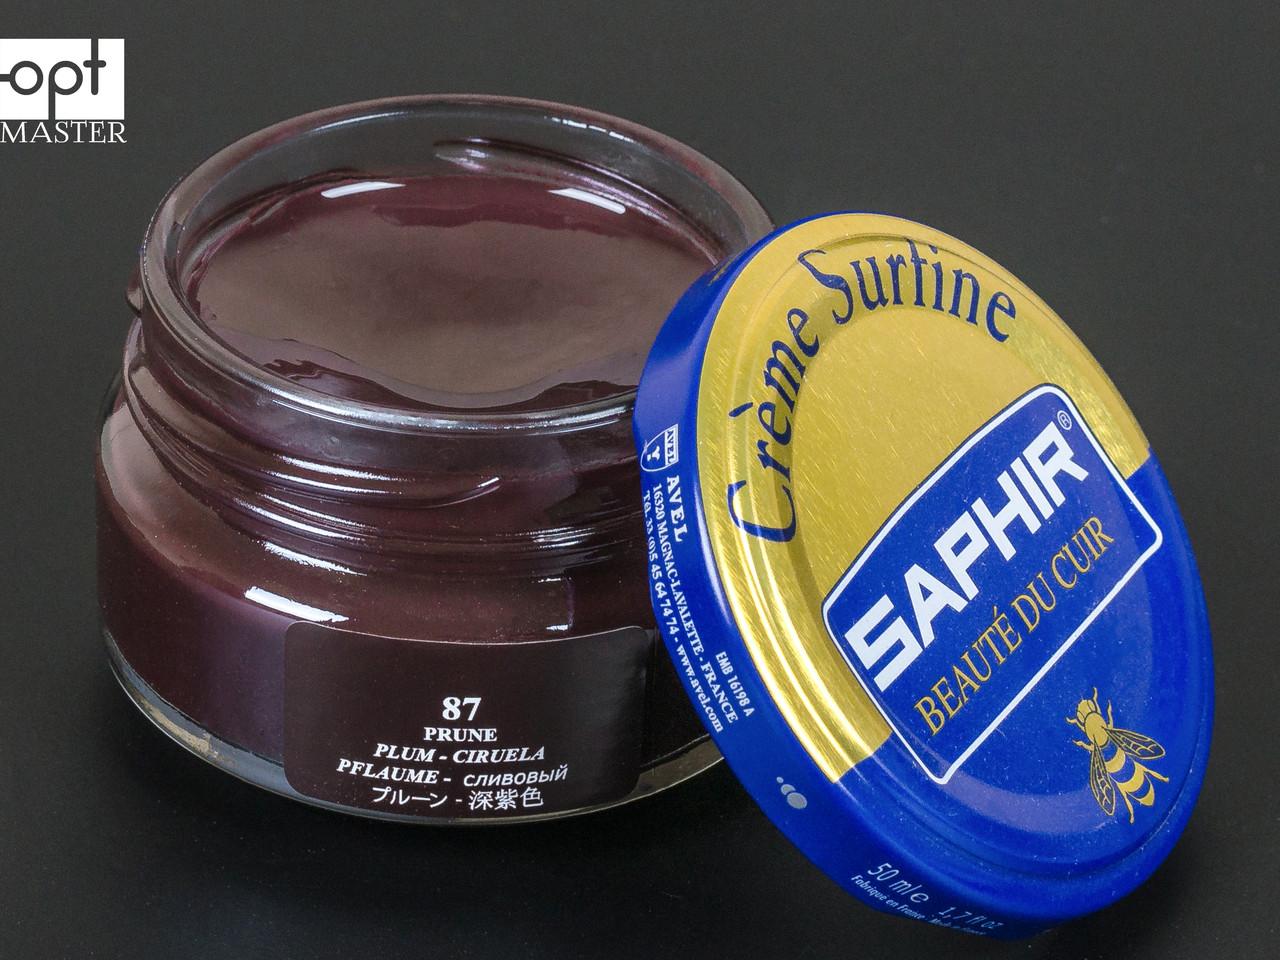 Увлажняющий крем для обуви Saphir Creme Surfine, цв. сливовый (87), 50 мл (0032)